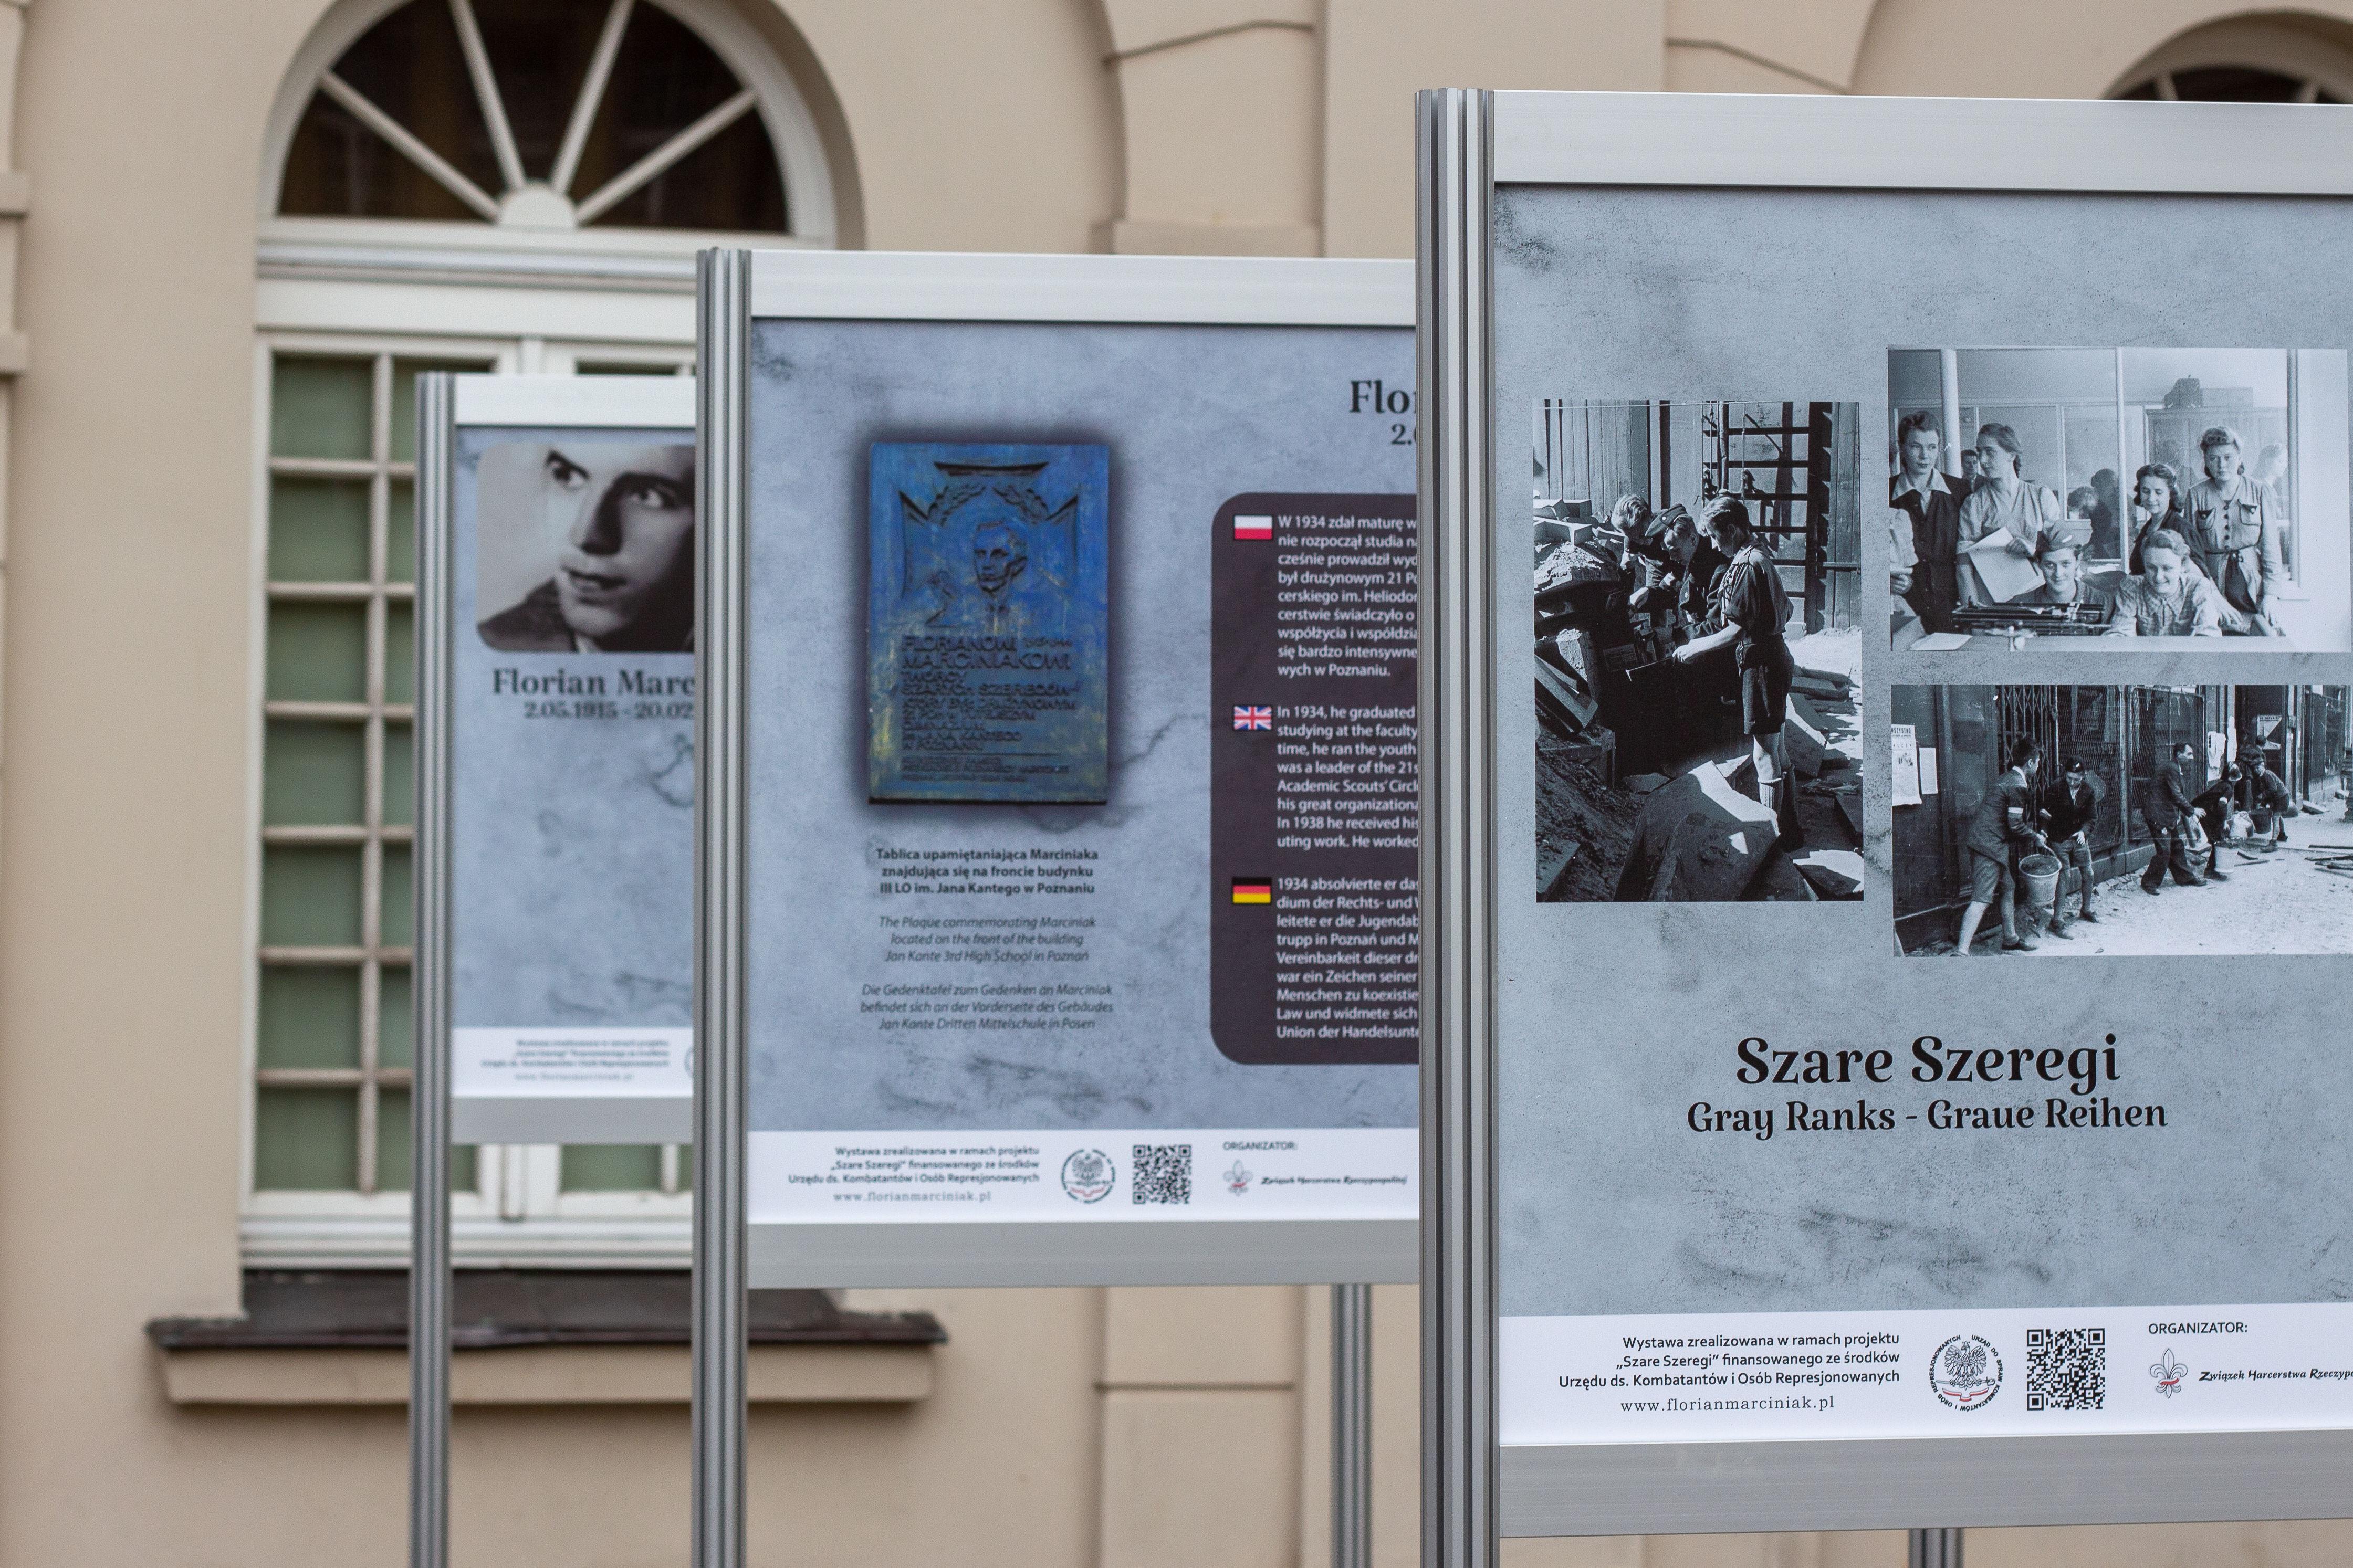 szare szeregi wystawa - ZHR Wielkopolska